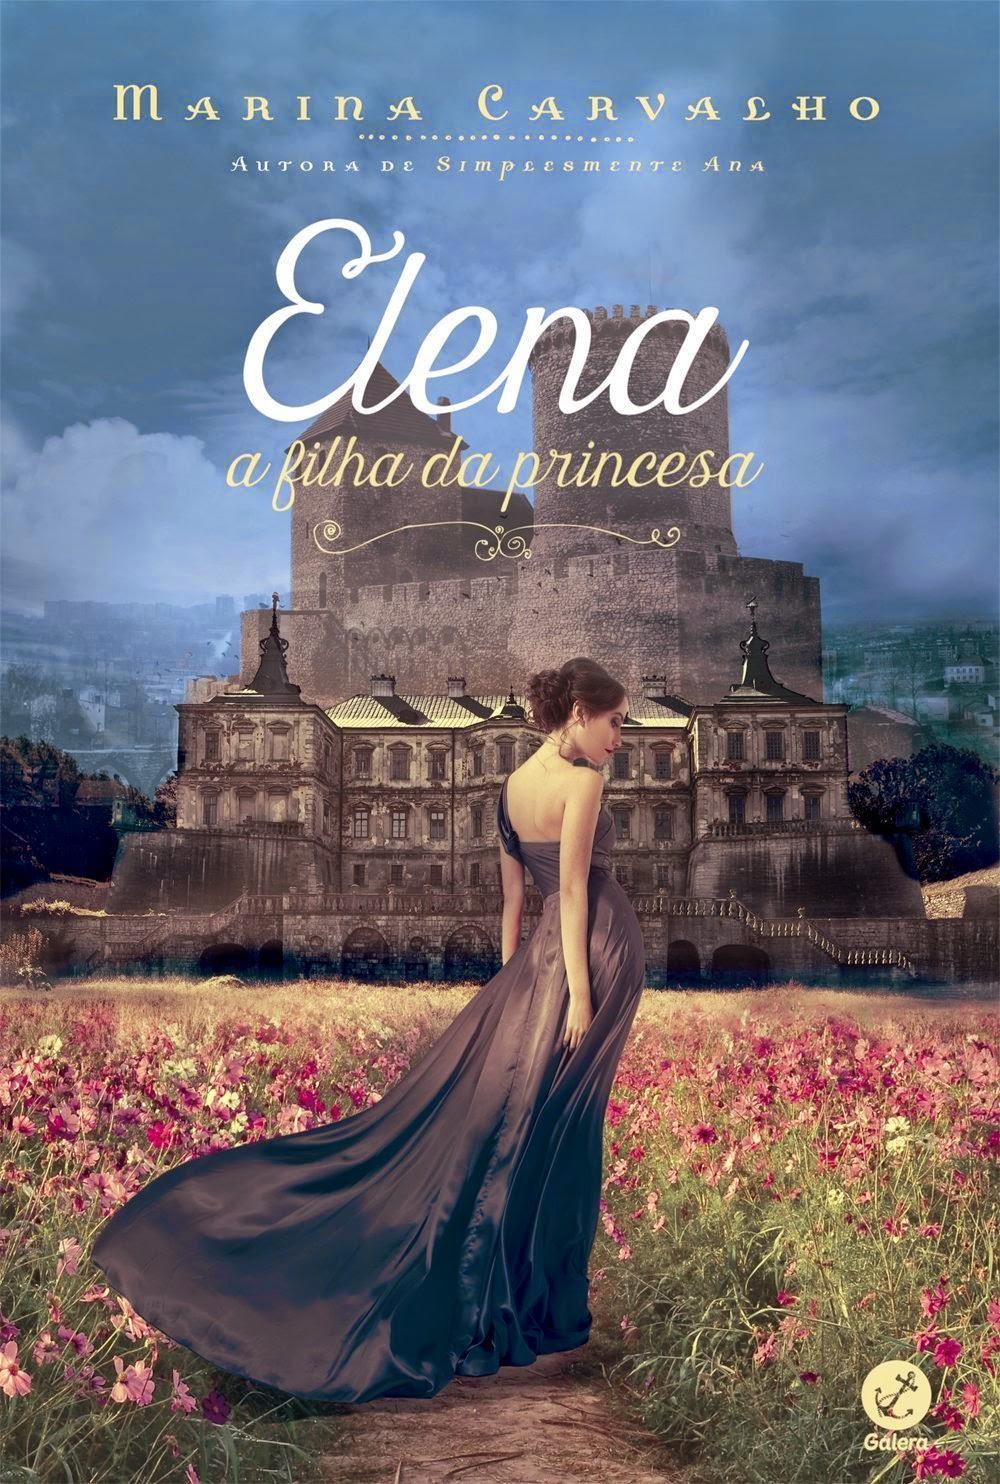 Resenha - Elena: A Filha da Princesa Marina Carvalho